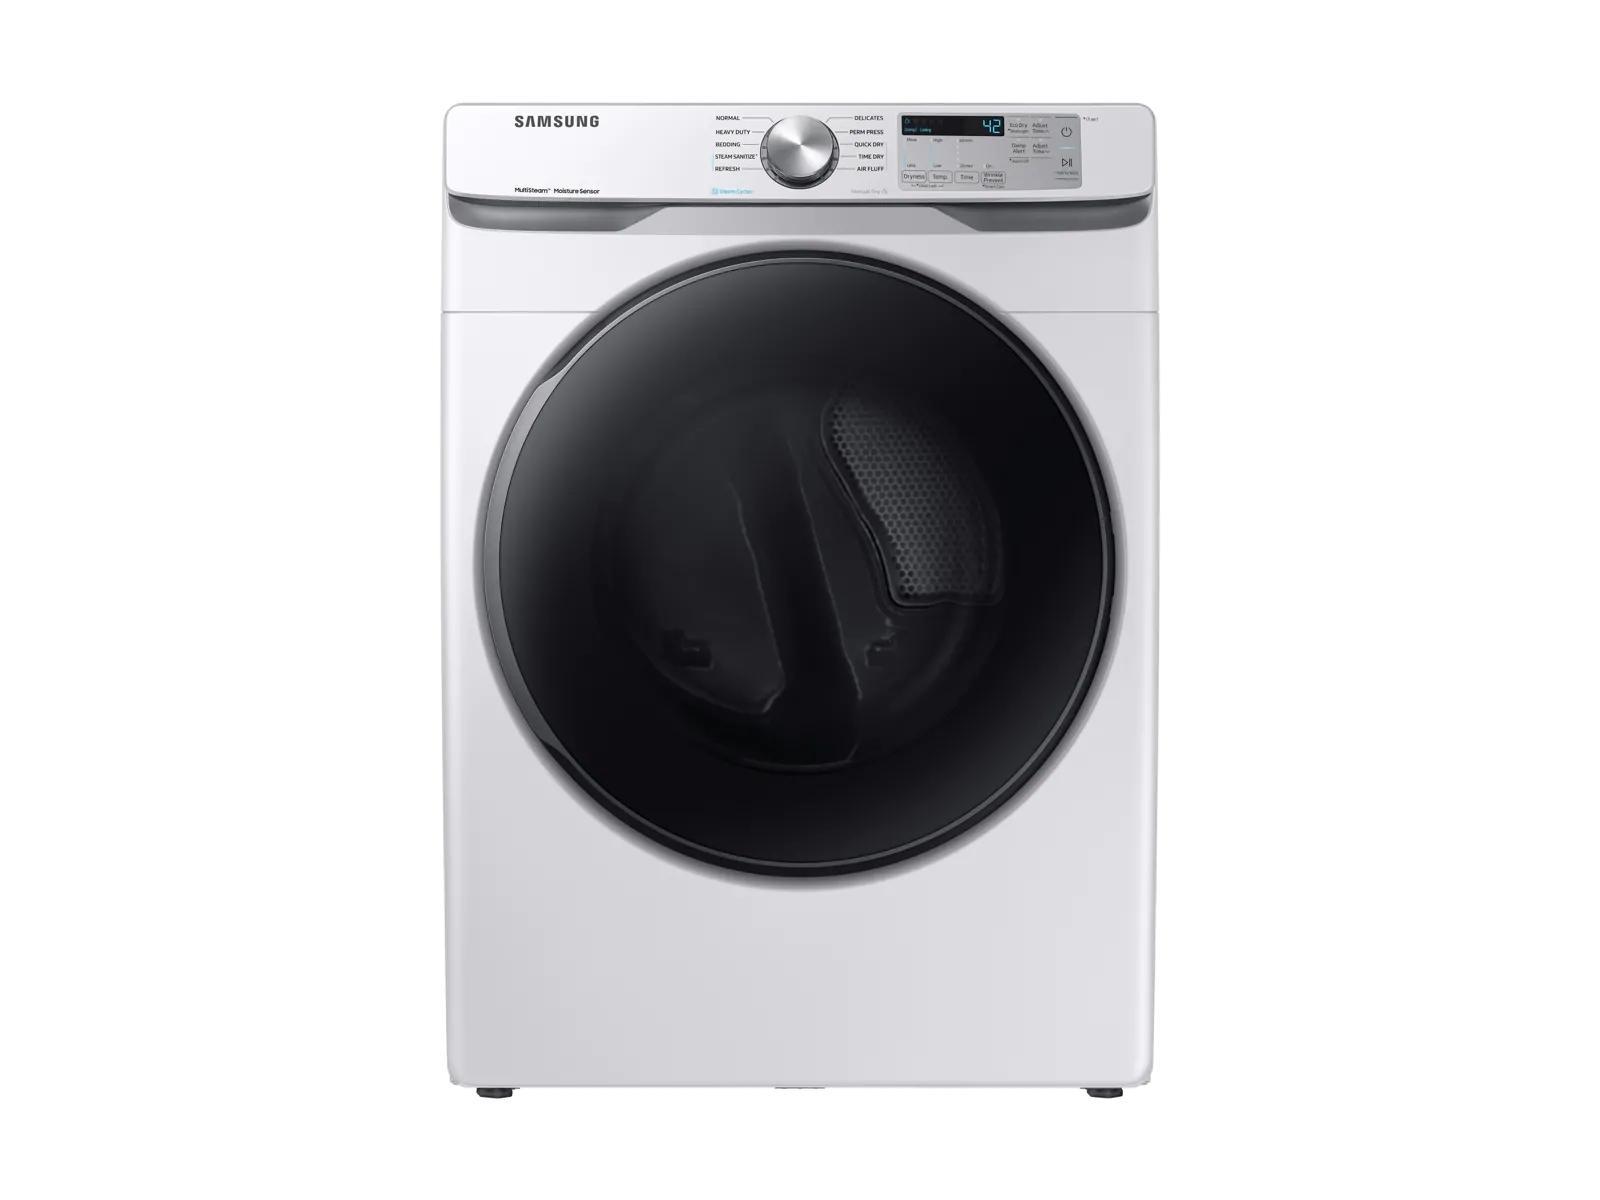 Samsung Dvg45r6100w Dv6100 7 5 Cu Ft Gas Dryer With Steam Sanitize White